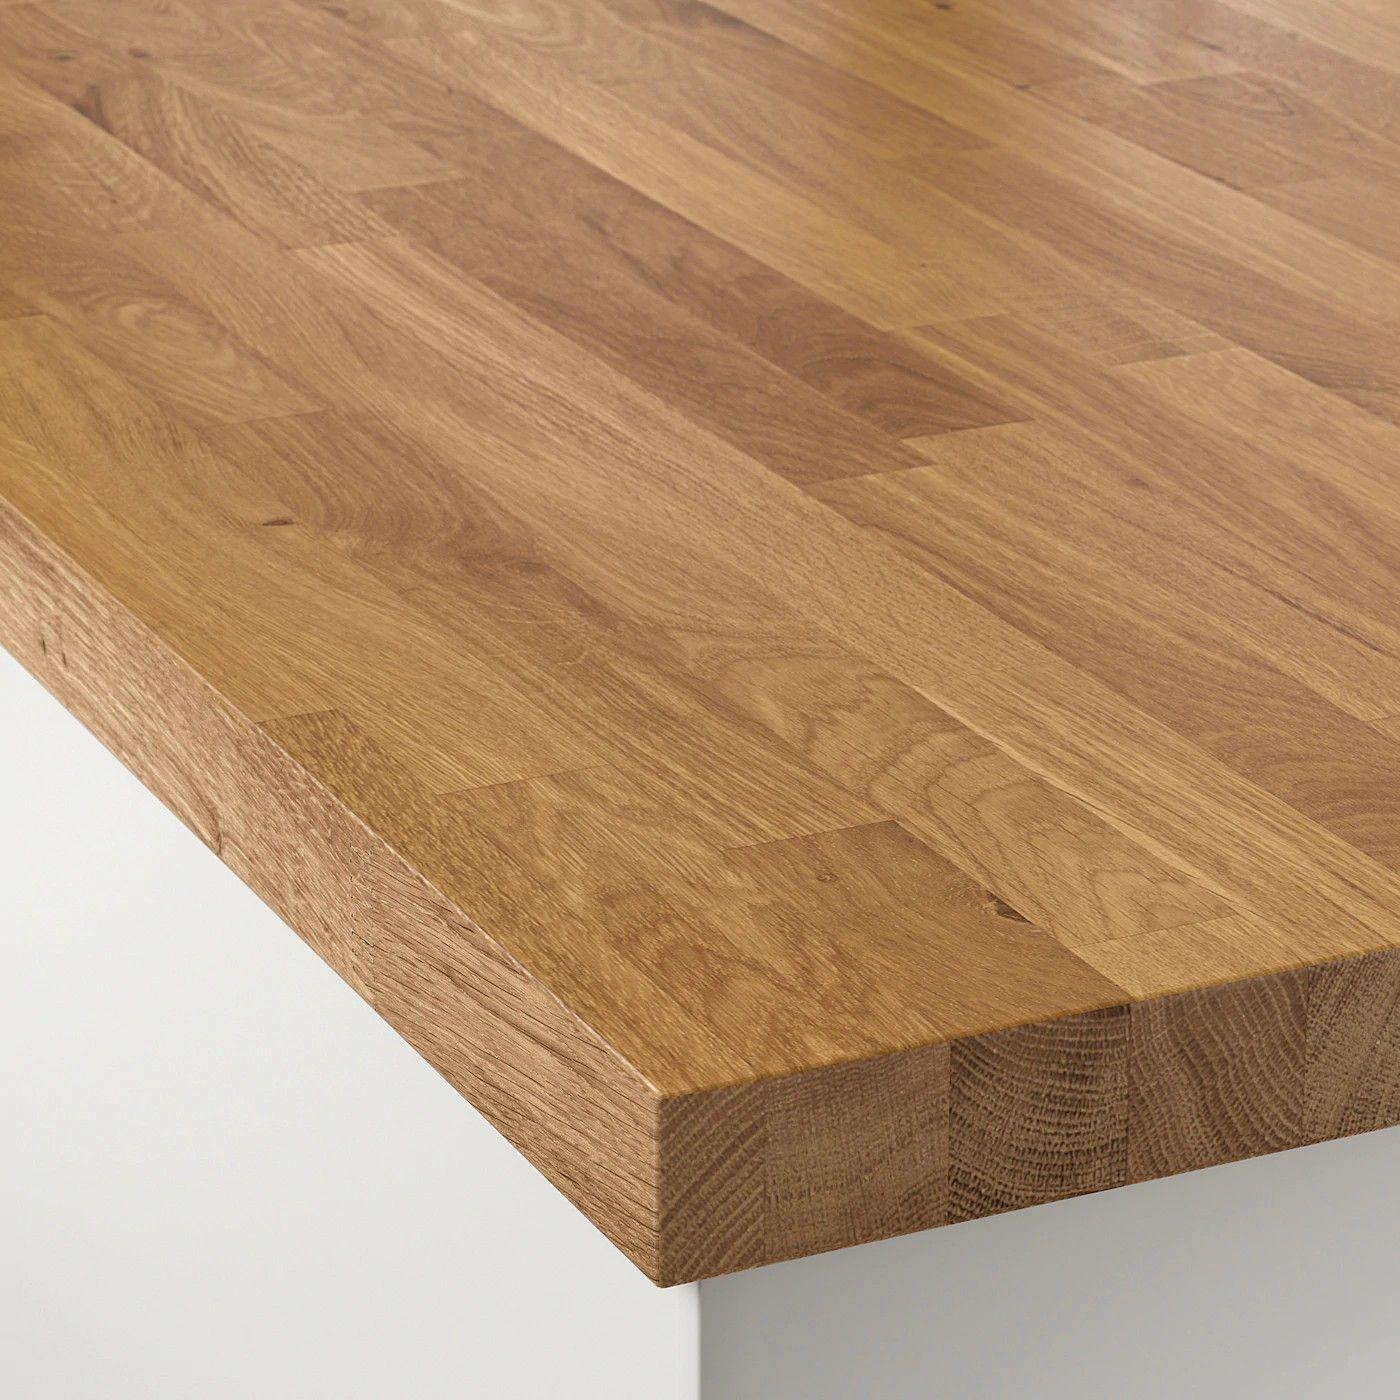 Epingle Par Stephanie Girod Sur Planche De Style En 2020 Bois Massif Plan De Travail Ikea